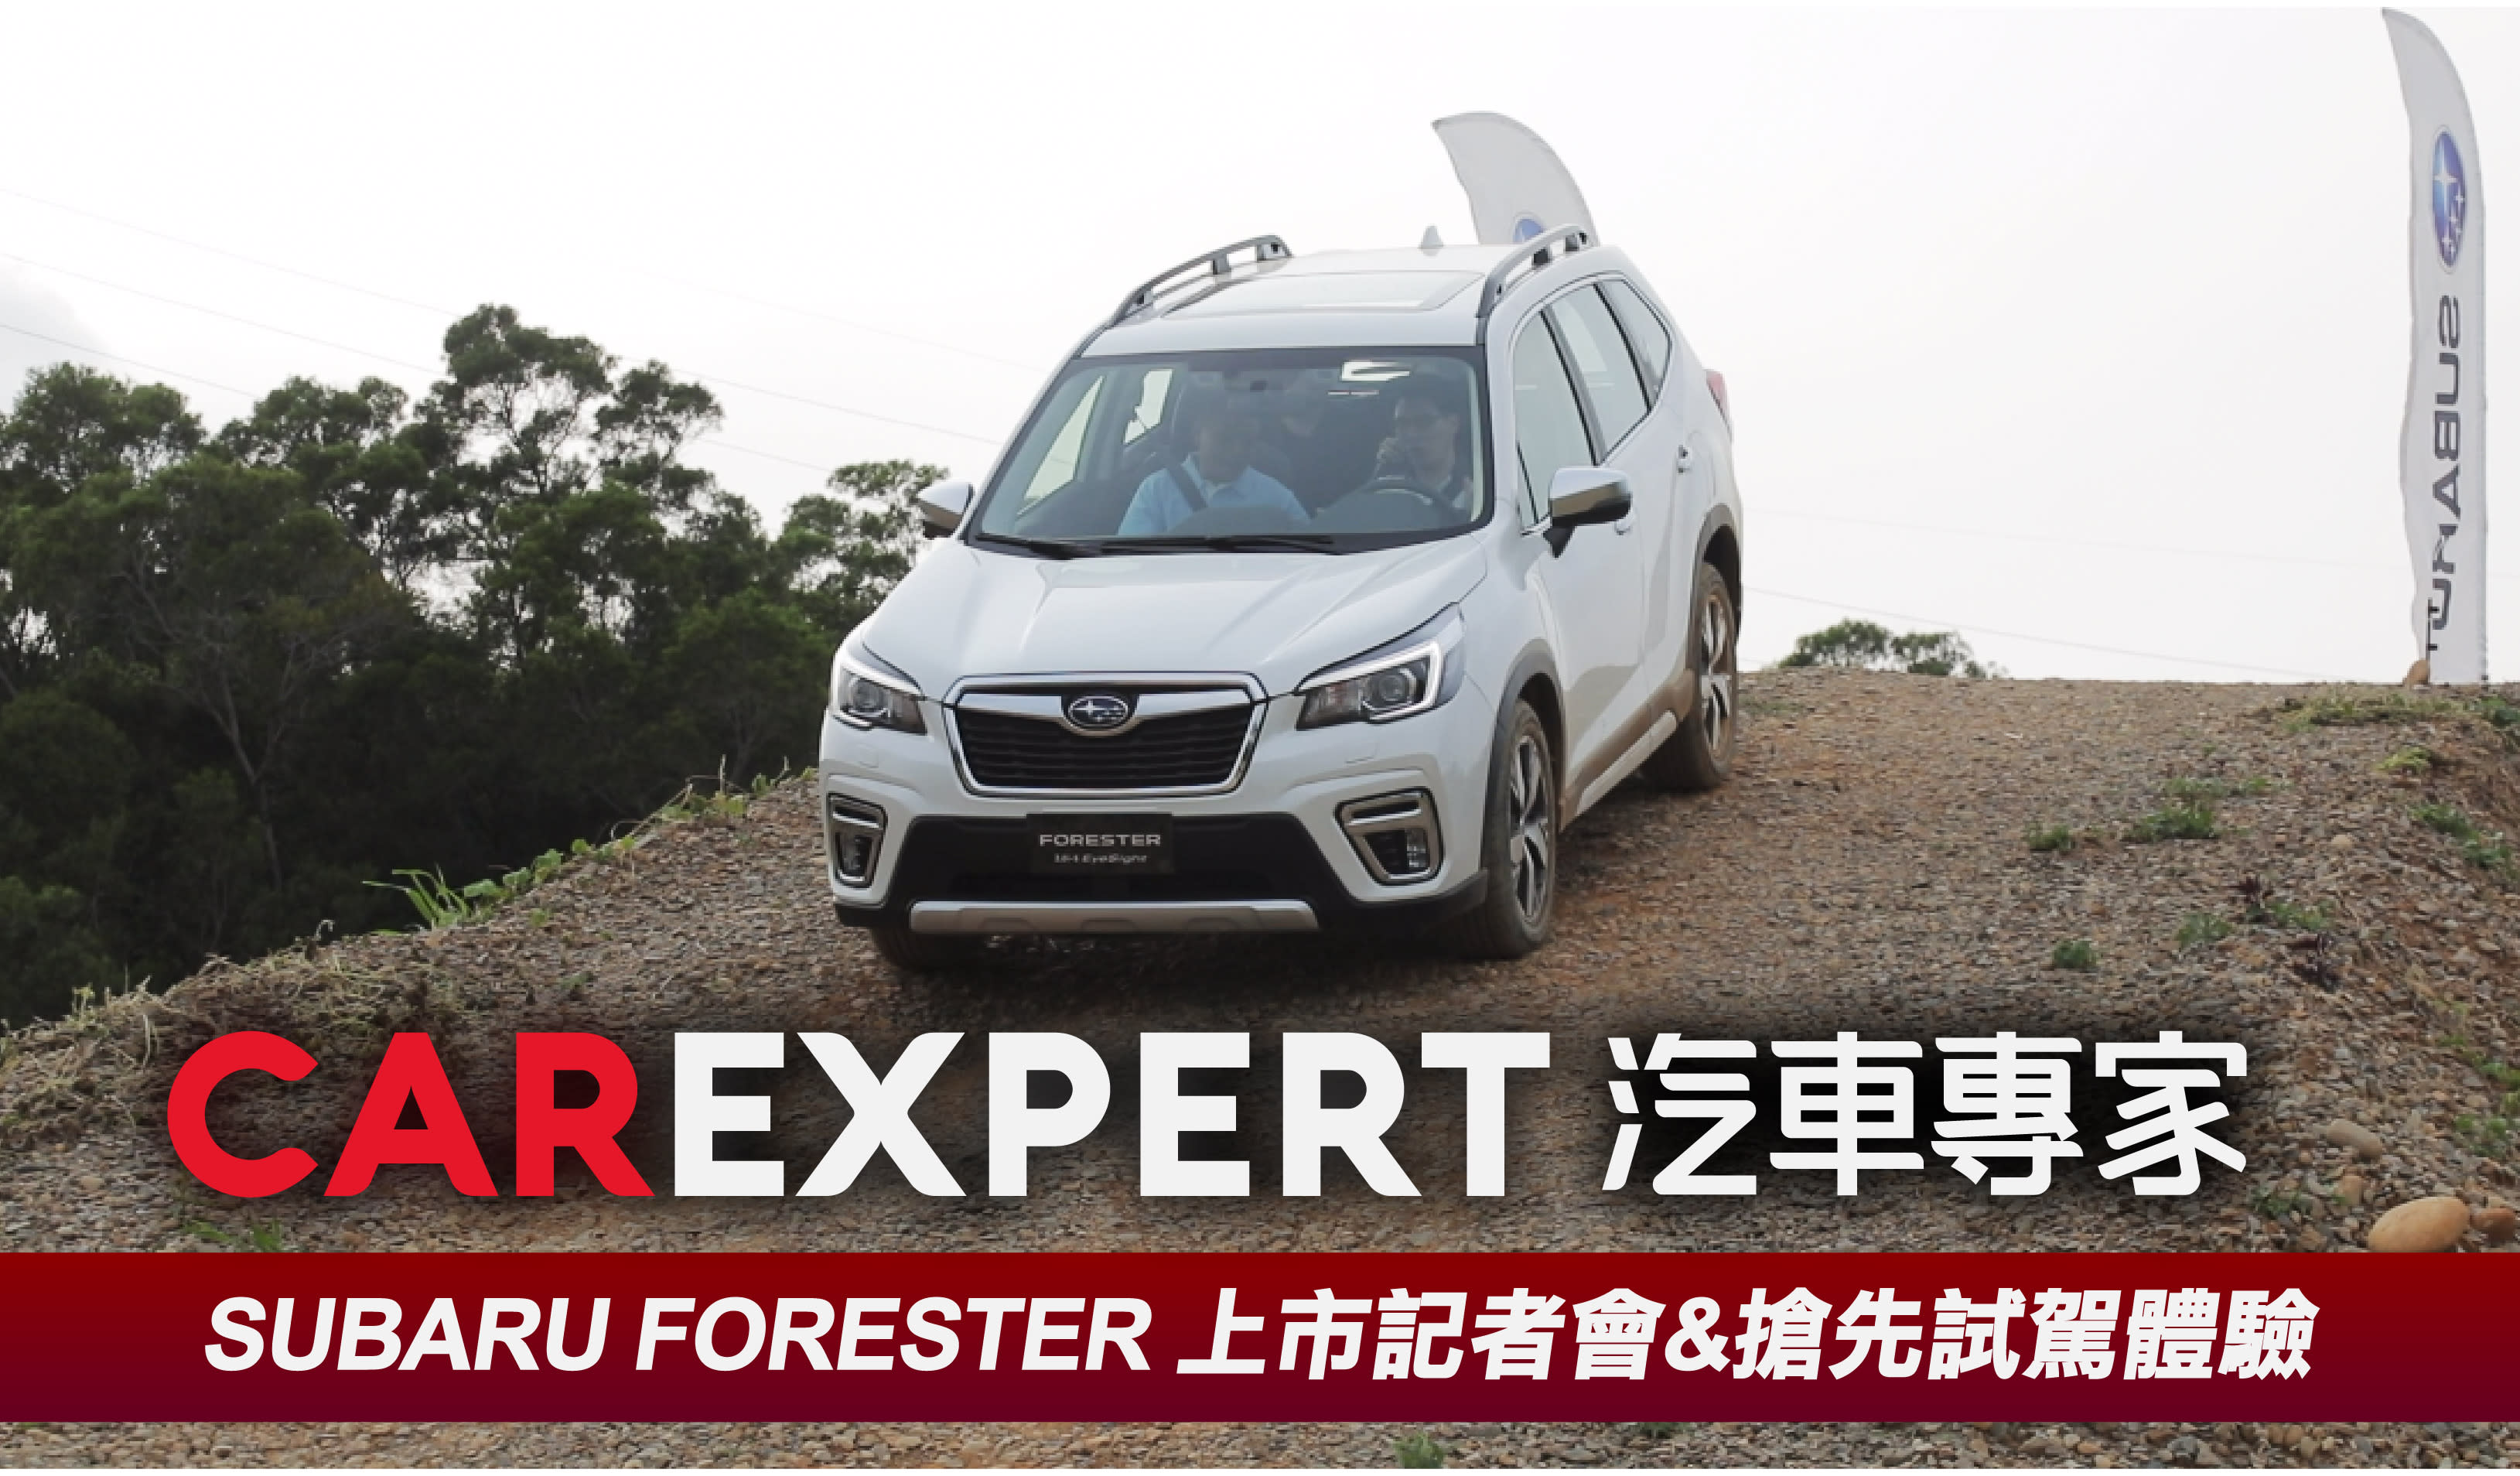 全新「第五代」日系運動休旅SUBARU FORESTER 上市記者會&搶先試駕體驗